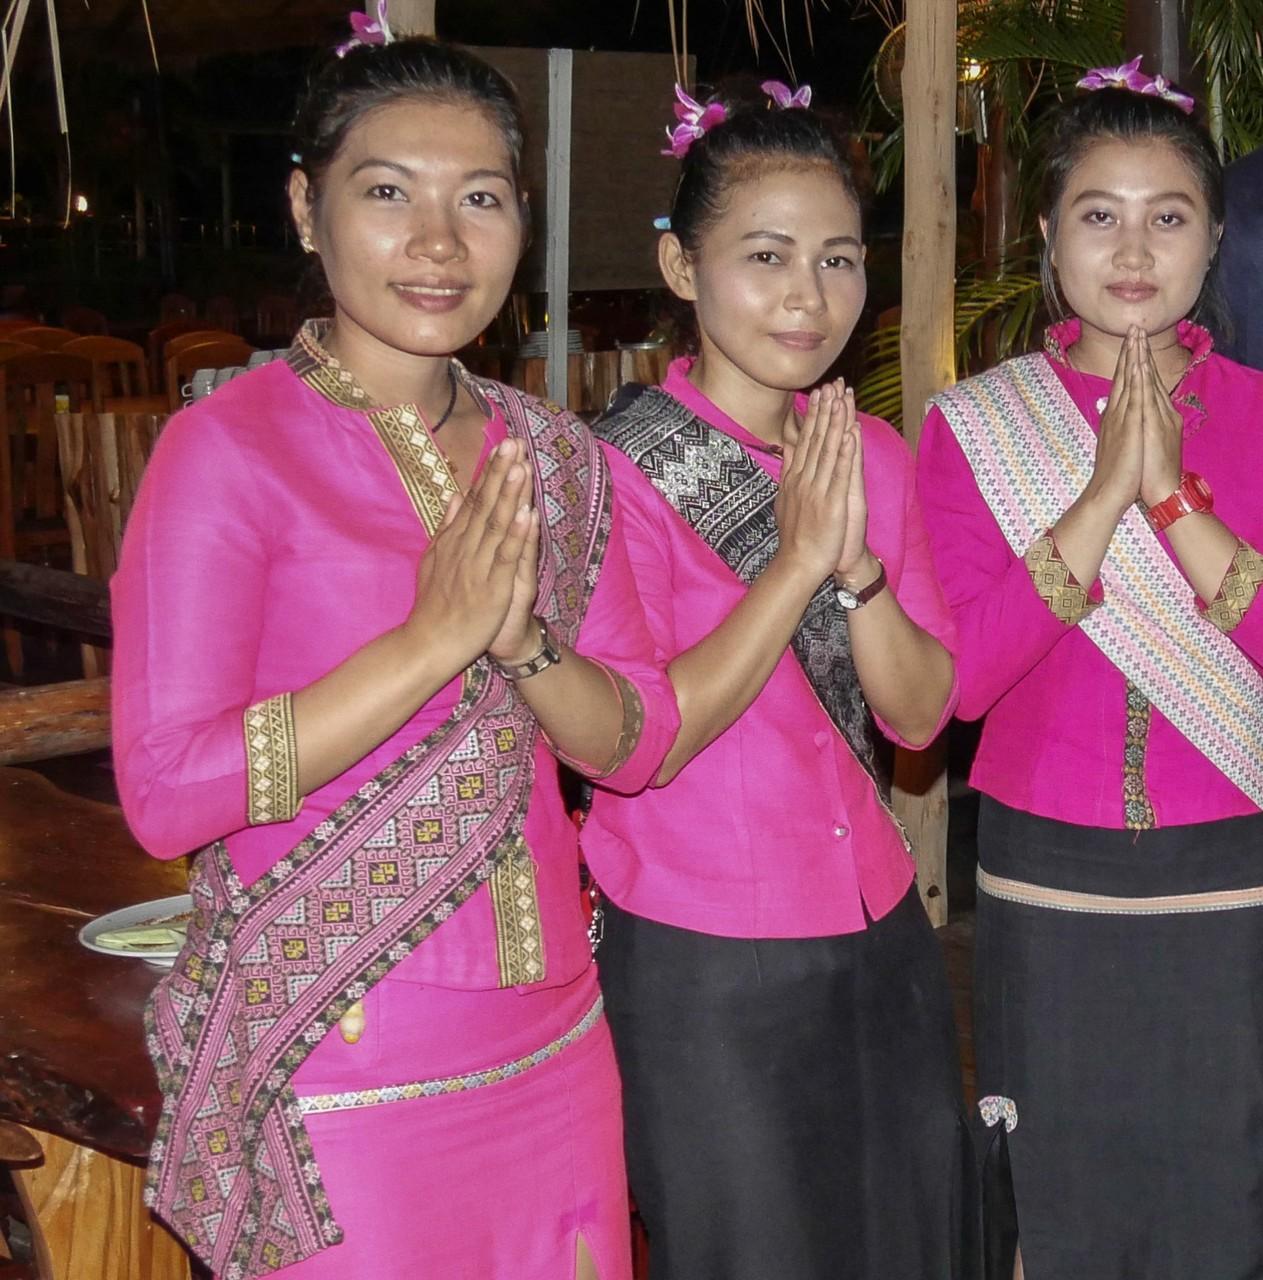 Thailändische Schönheit3n - oder doch aus Kambodscha?